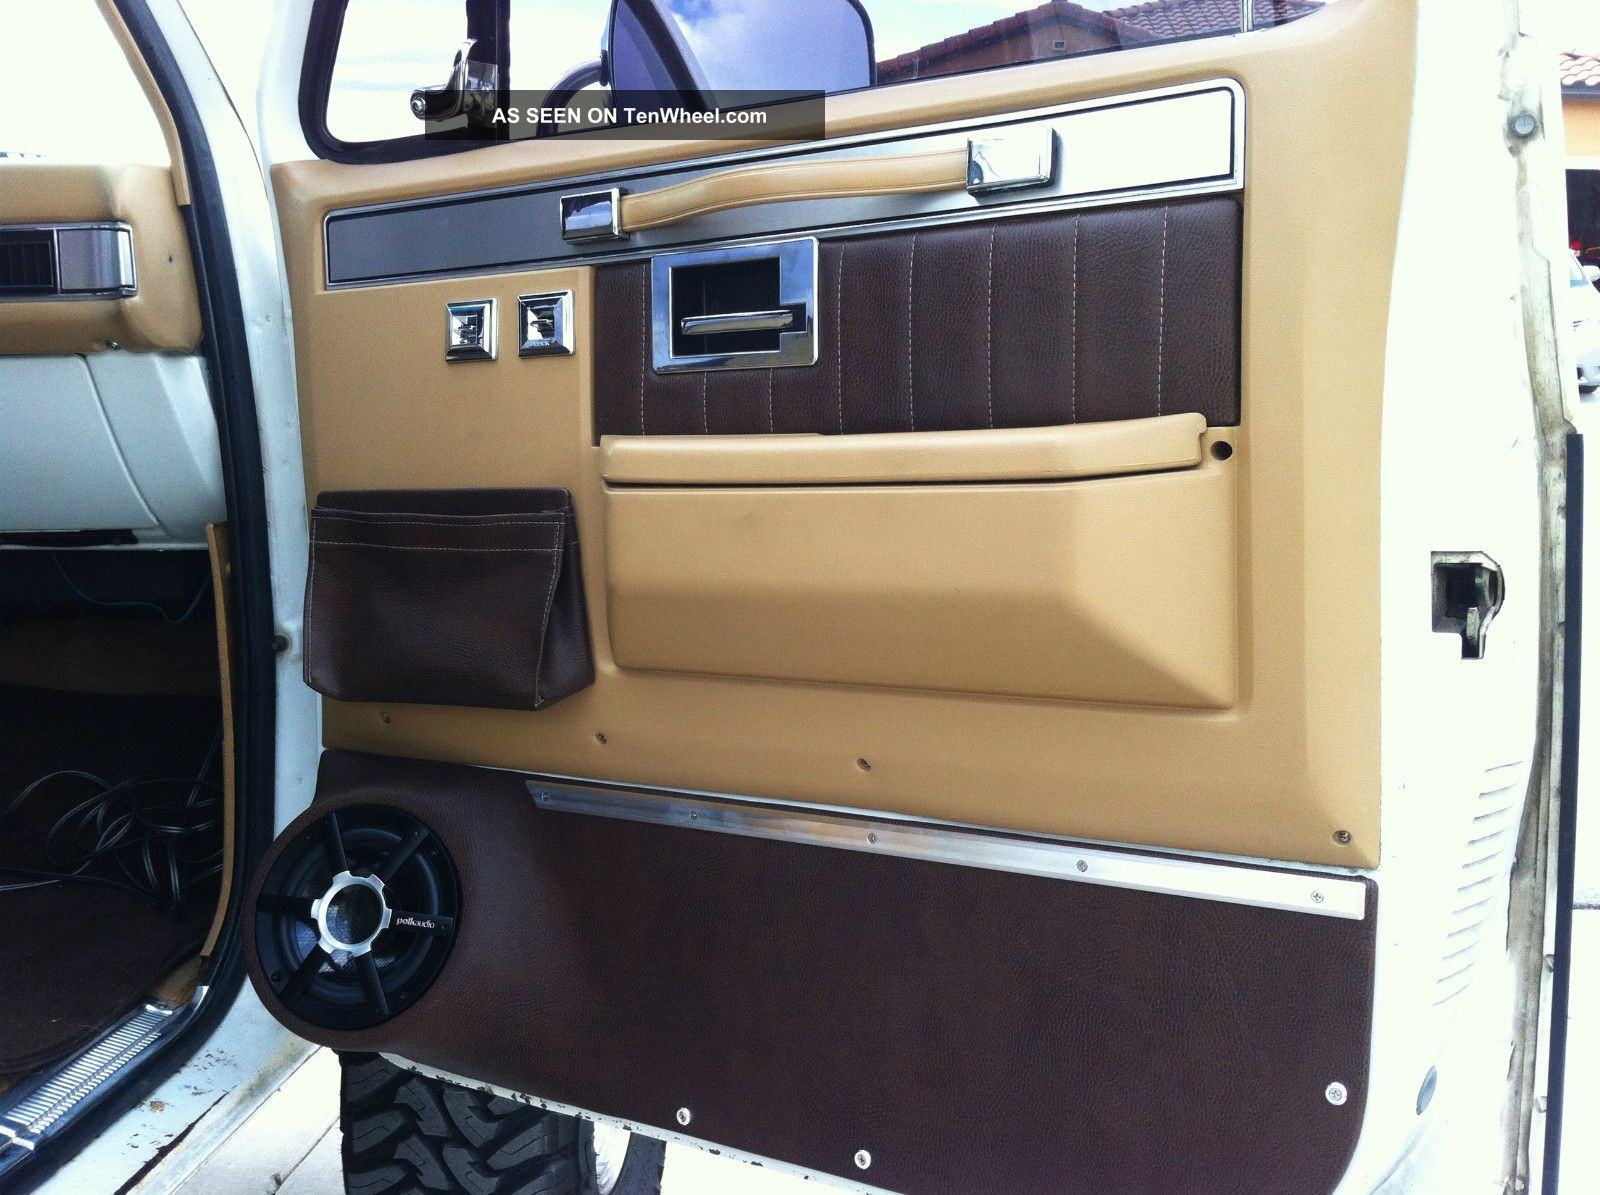 1987 Chevy Crew Cab 4x4